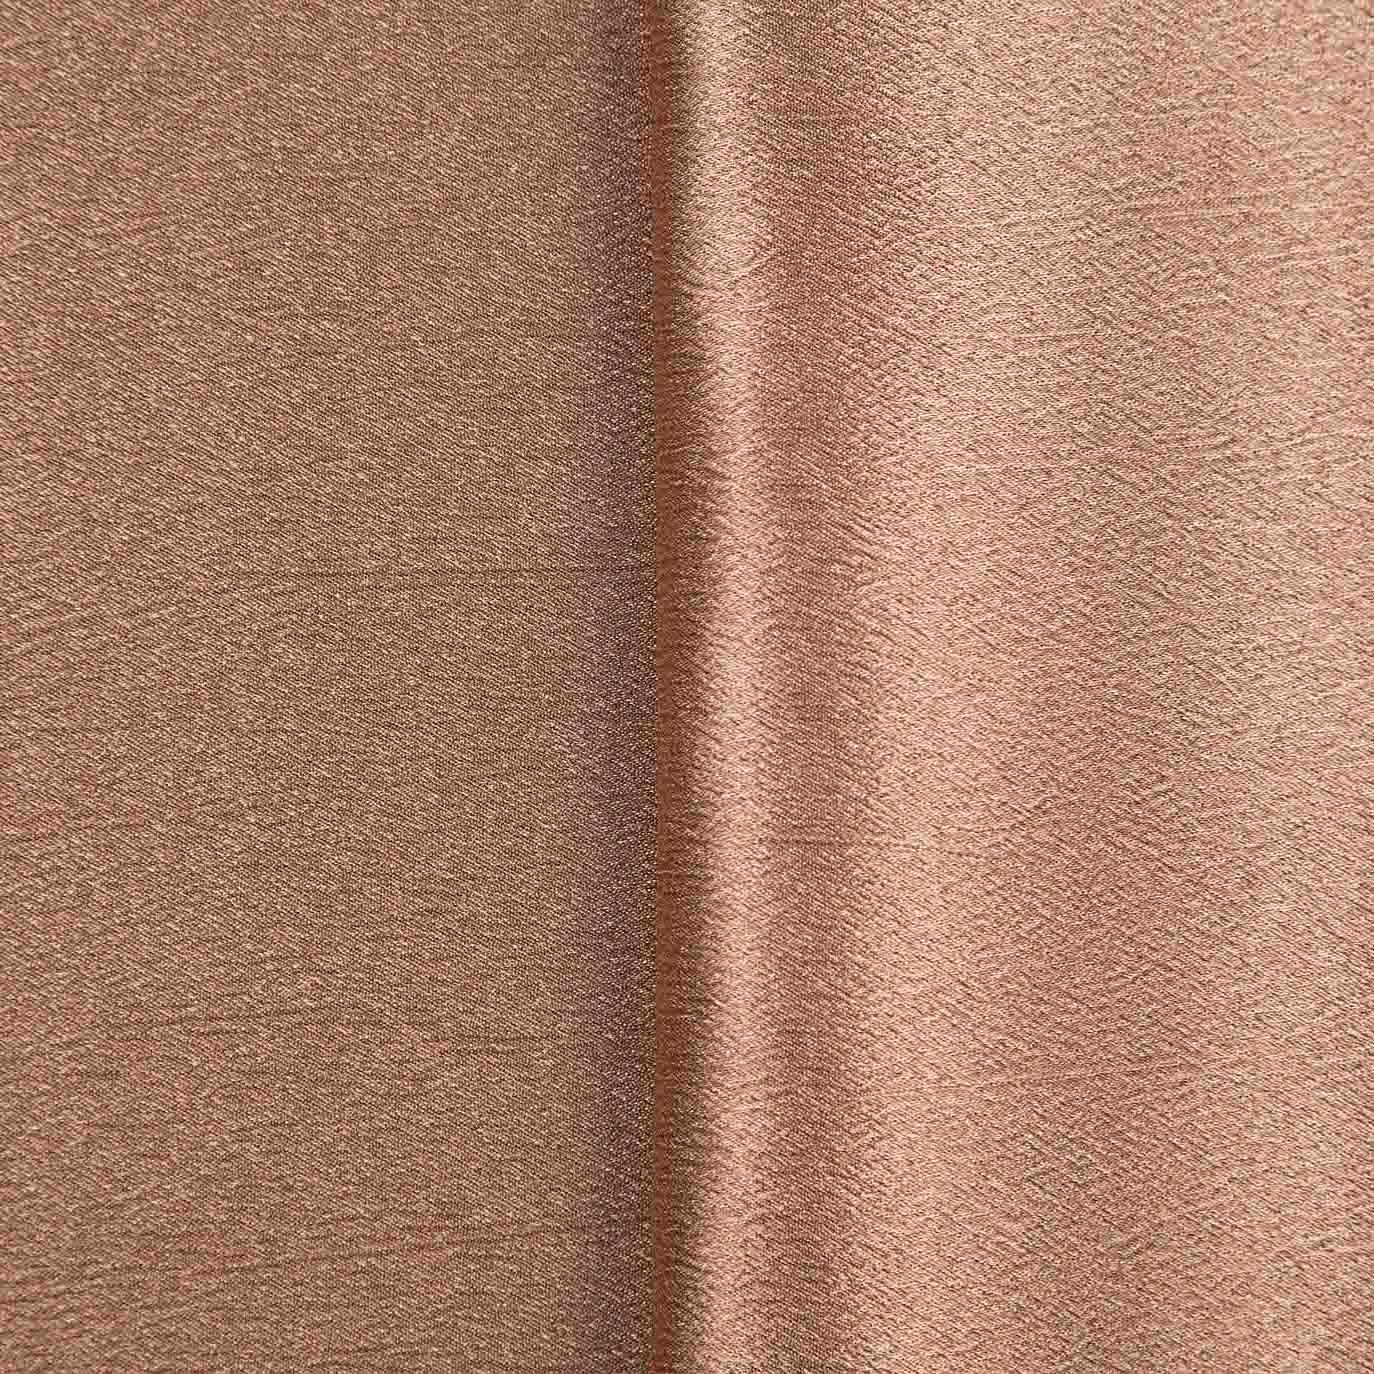 Tecido Crepe Kiwi Dourado 100% Poliester 1,40 m Largura